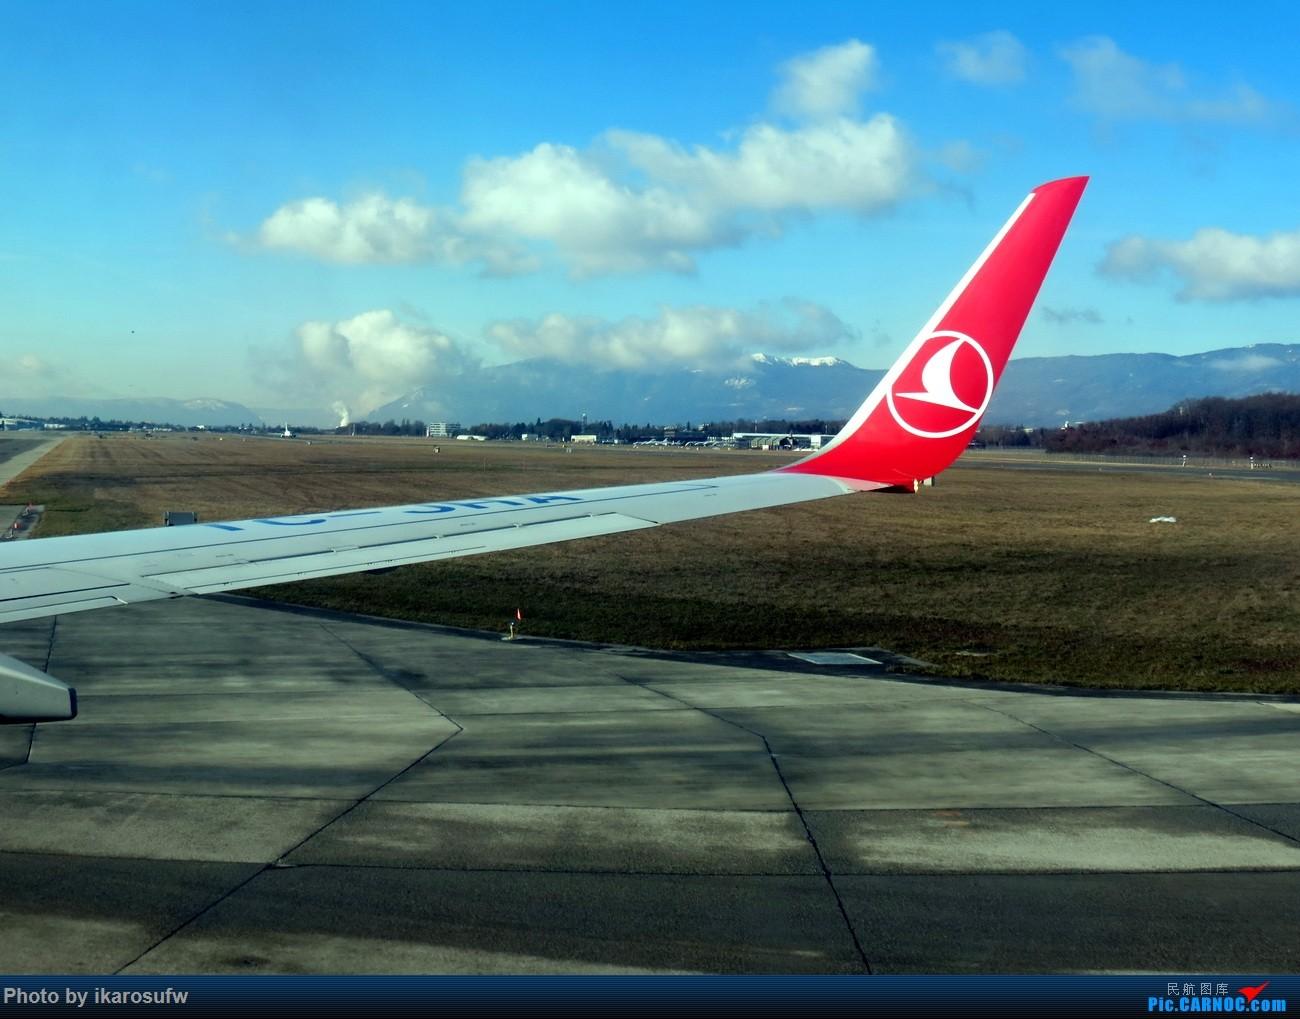 Re:[原创]再次土航 最后的阿塔图尔克 新加坡-伊斯坦布尔-日内瓦往返全纪录 土耳其航空 TK54/55 TK1917/1920 77W 738 321(上)